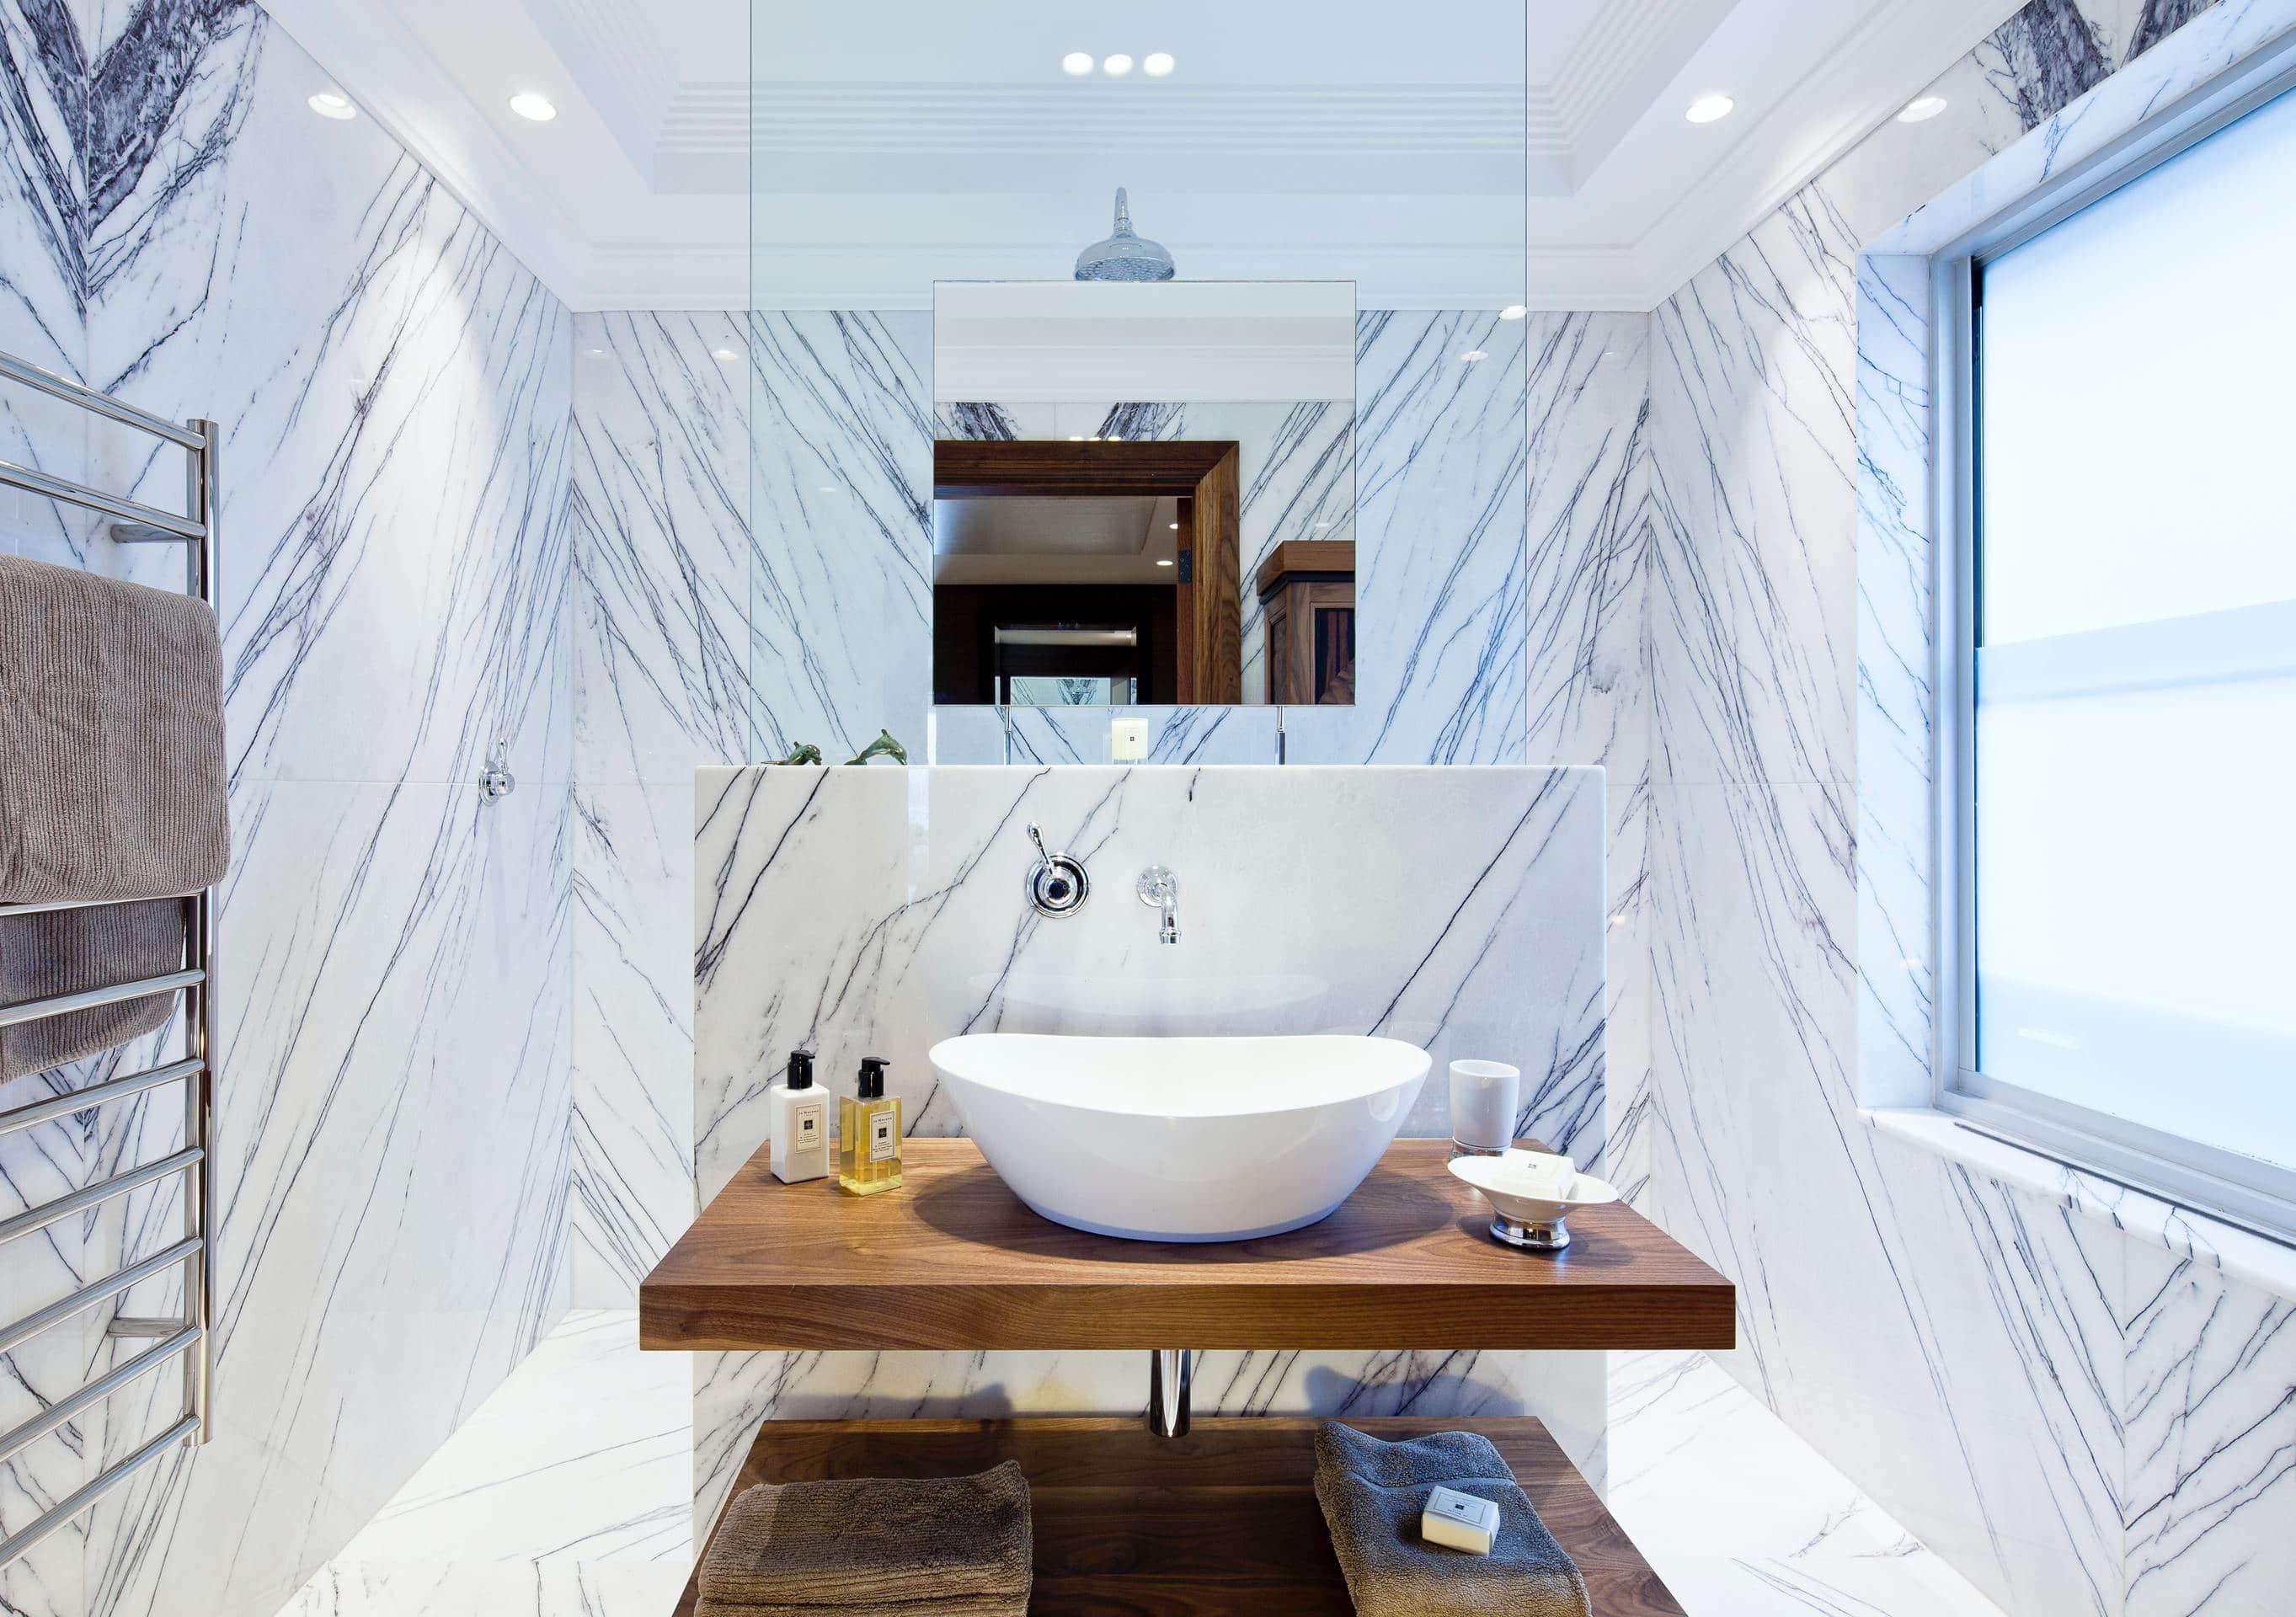 Aufsatzwaschbecken im Badezimmer